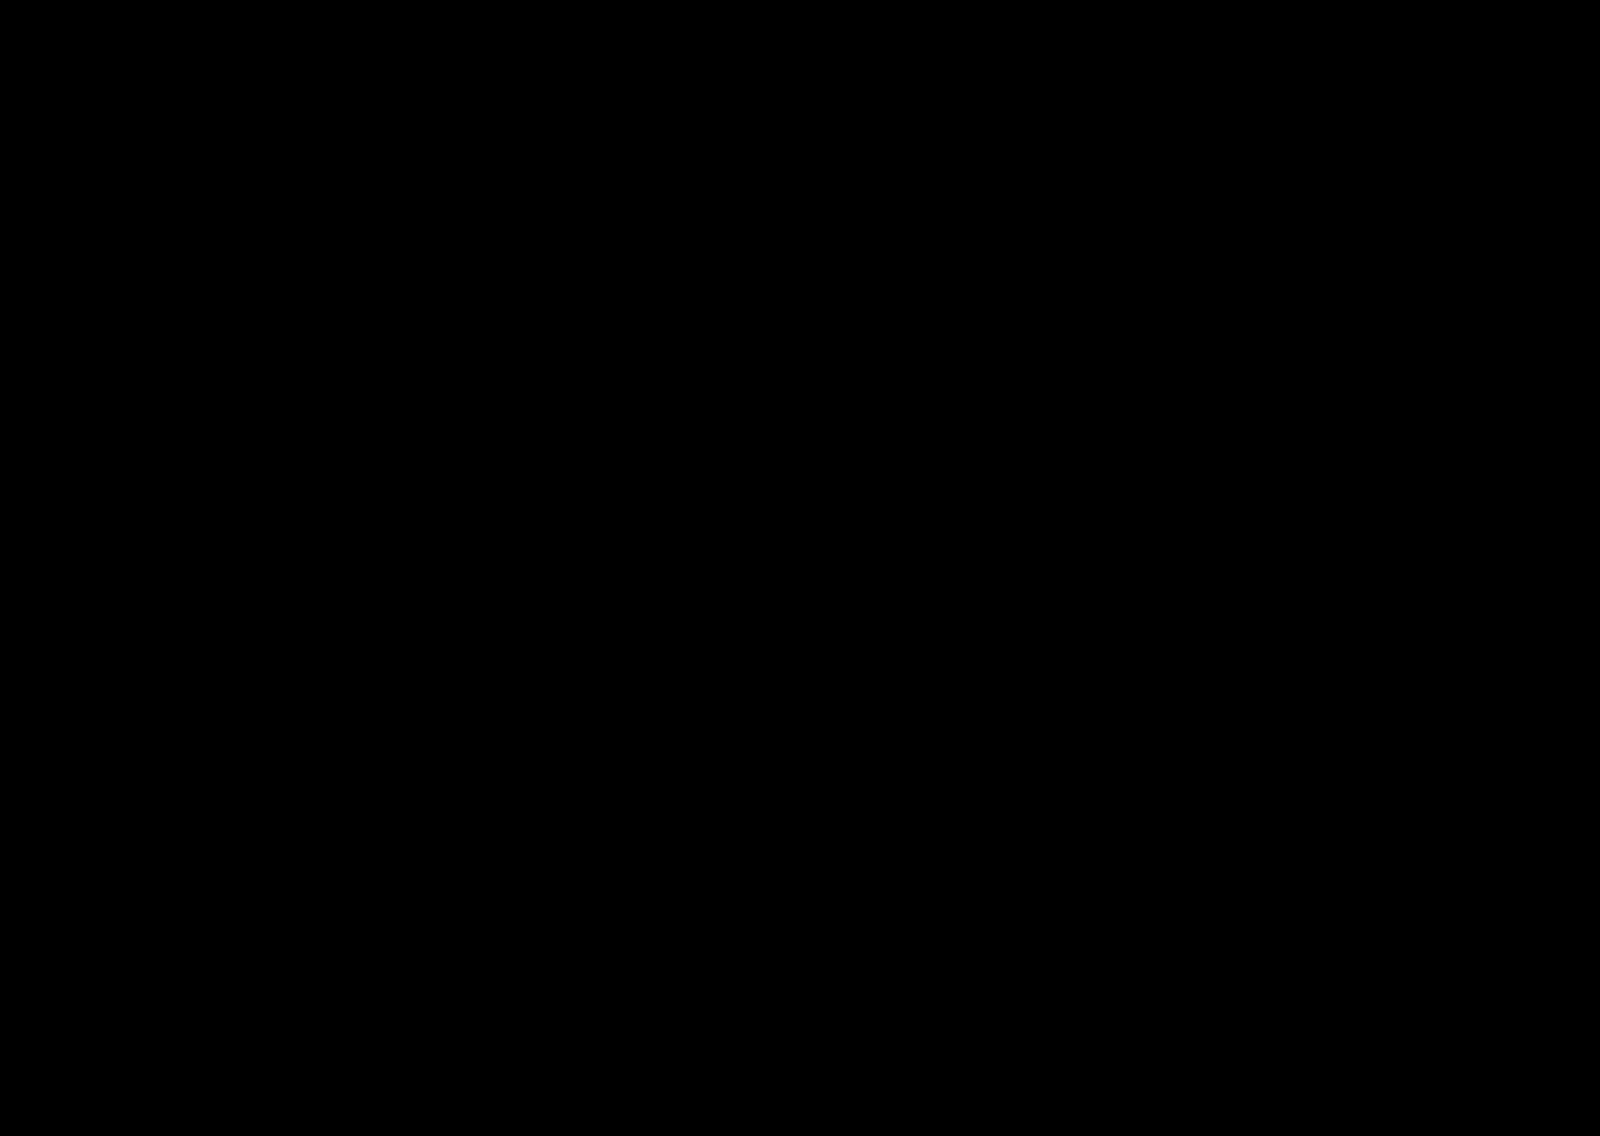 Power Logo Vector